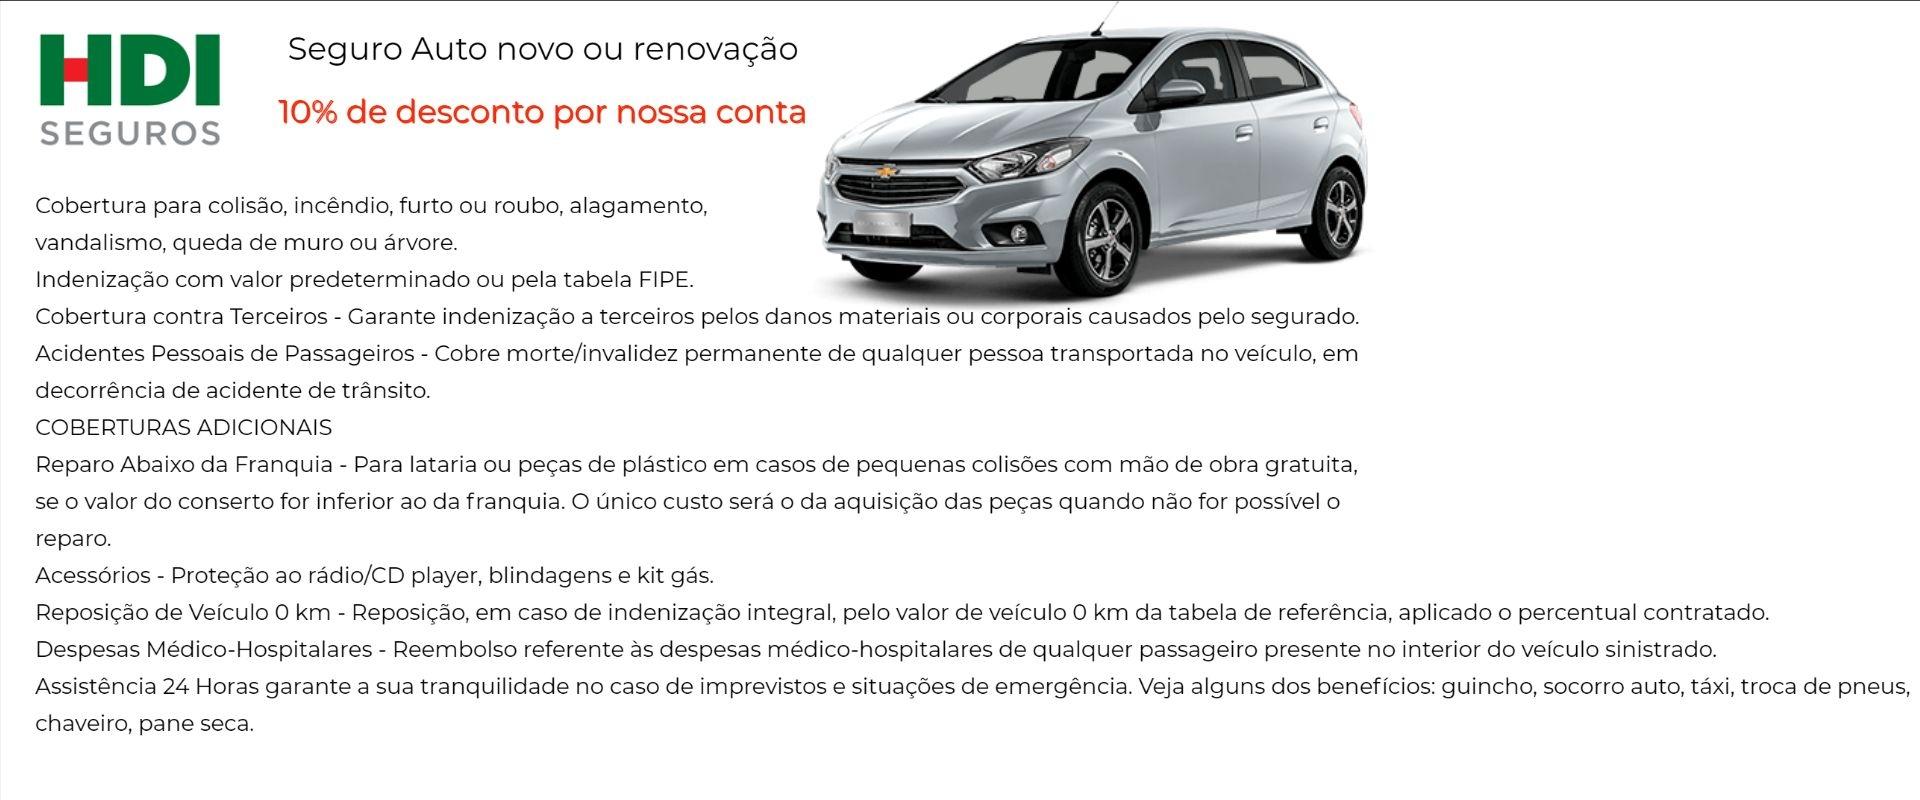 HDI Seguro Auto com Desconto em Ribeirão Preto